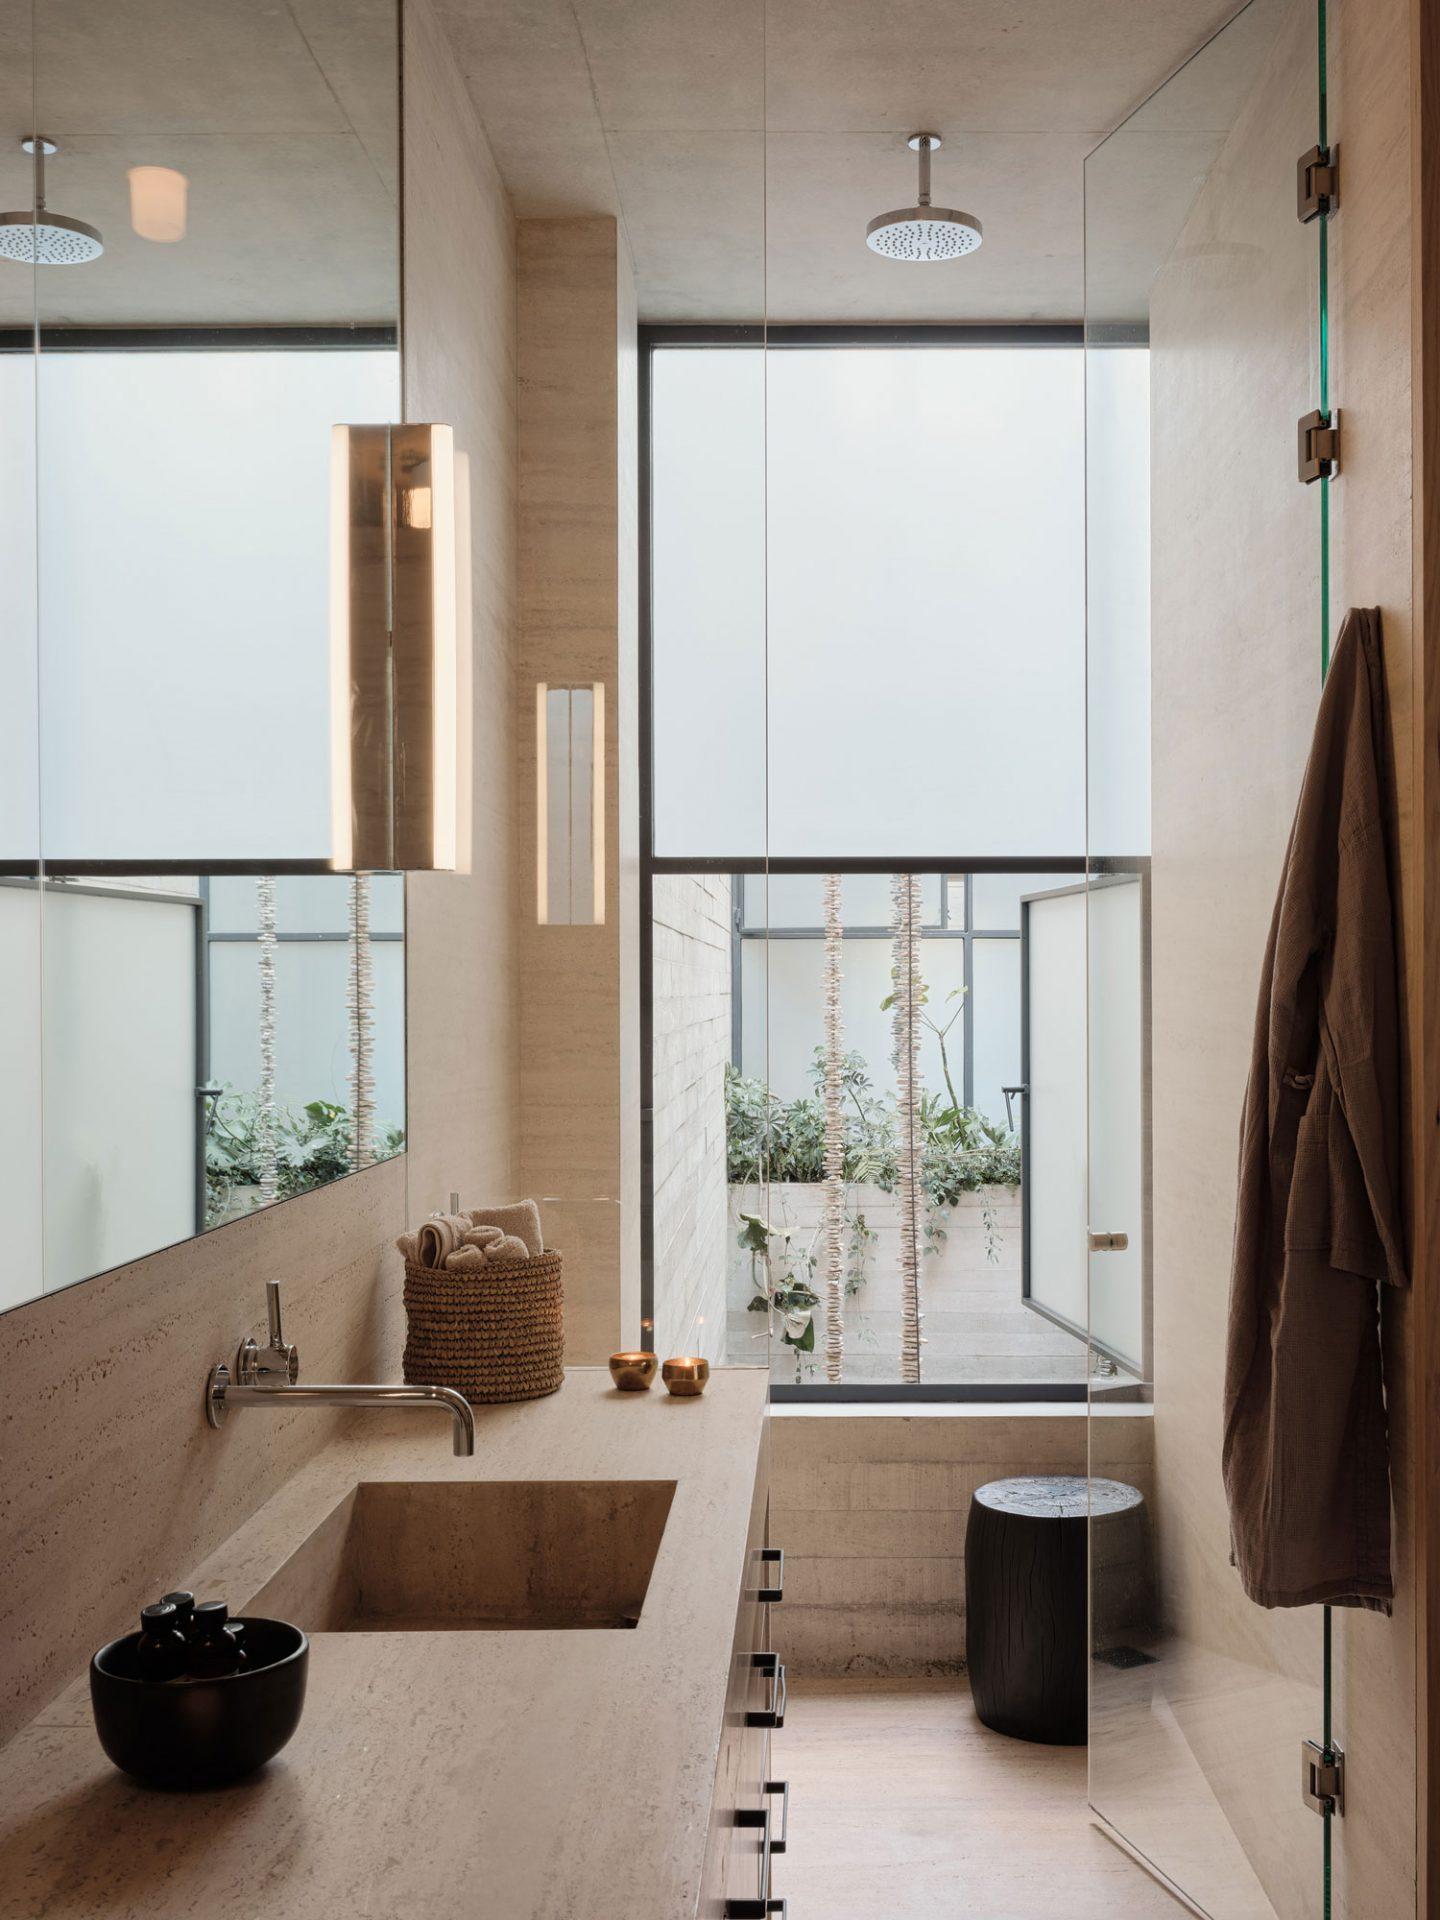 Tennyson-205-Apartment-designalive-16